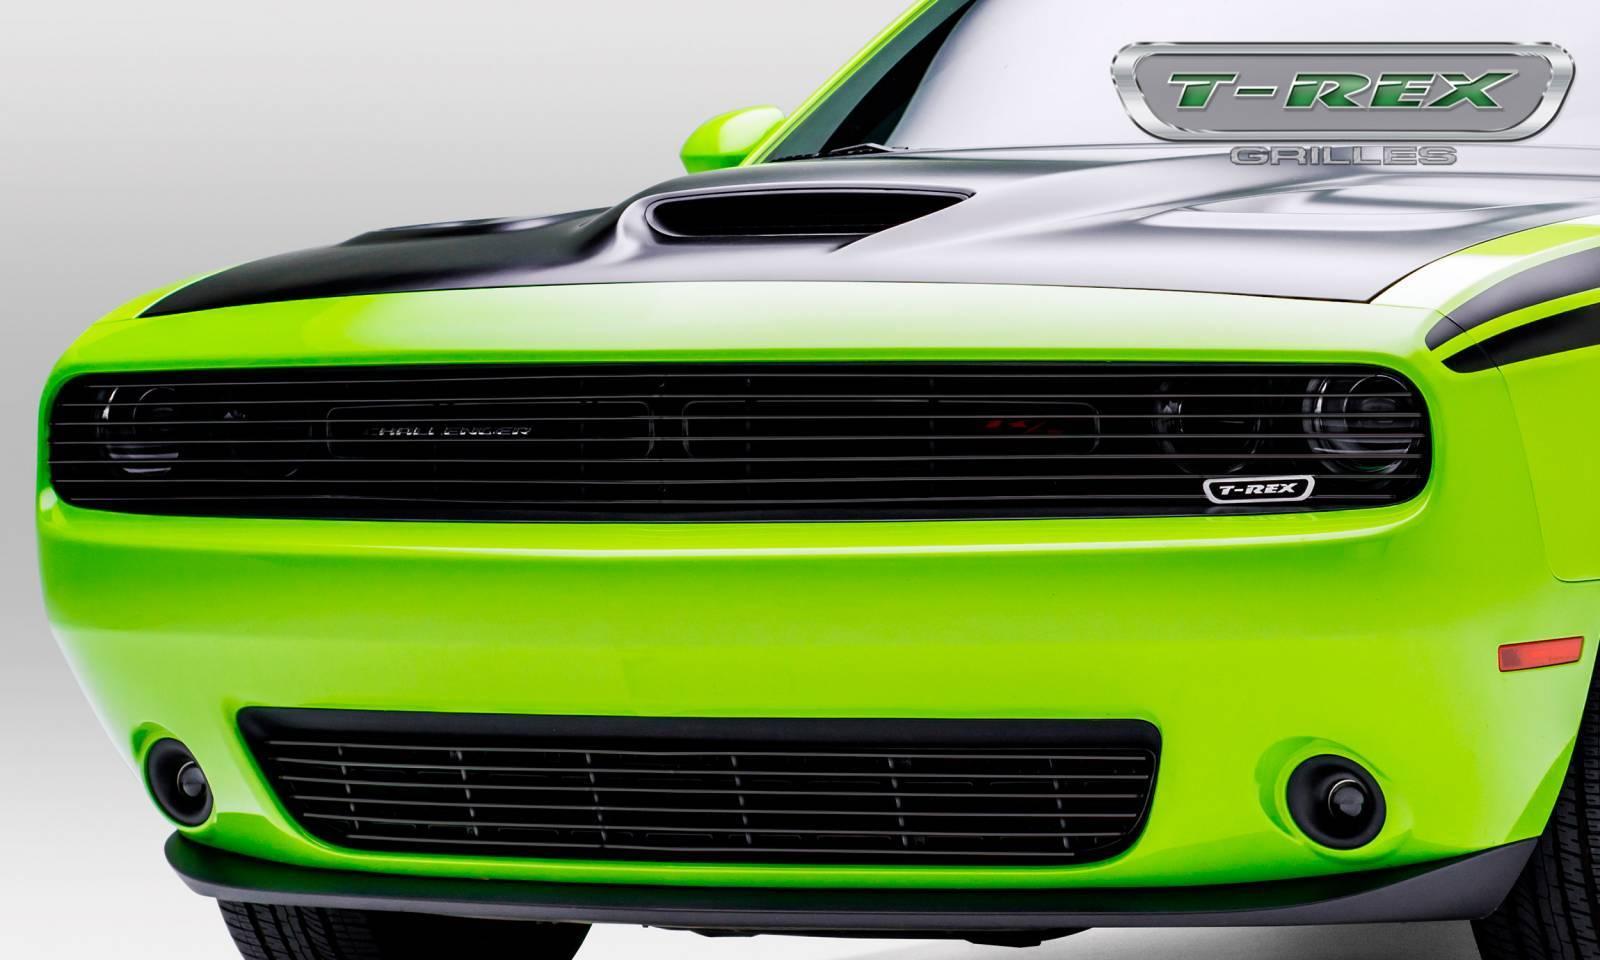 T-REX Grilles - Dodge Challenger - Black Powder Coated - Phantom Style - Laser Billet - Main Grille Overlay - Pt # 6214191